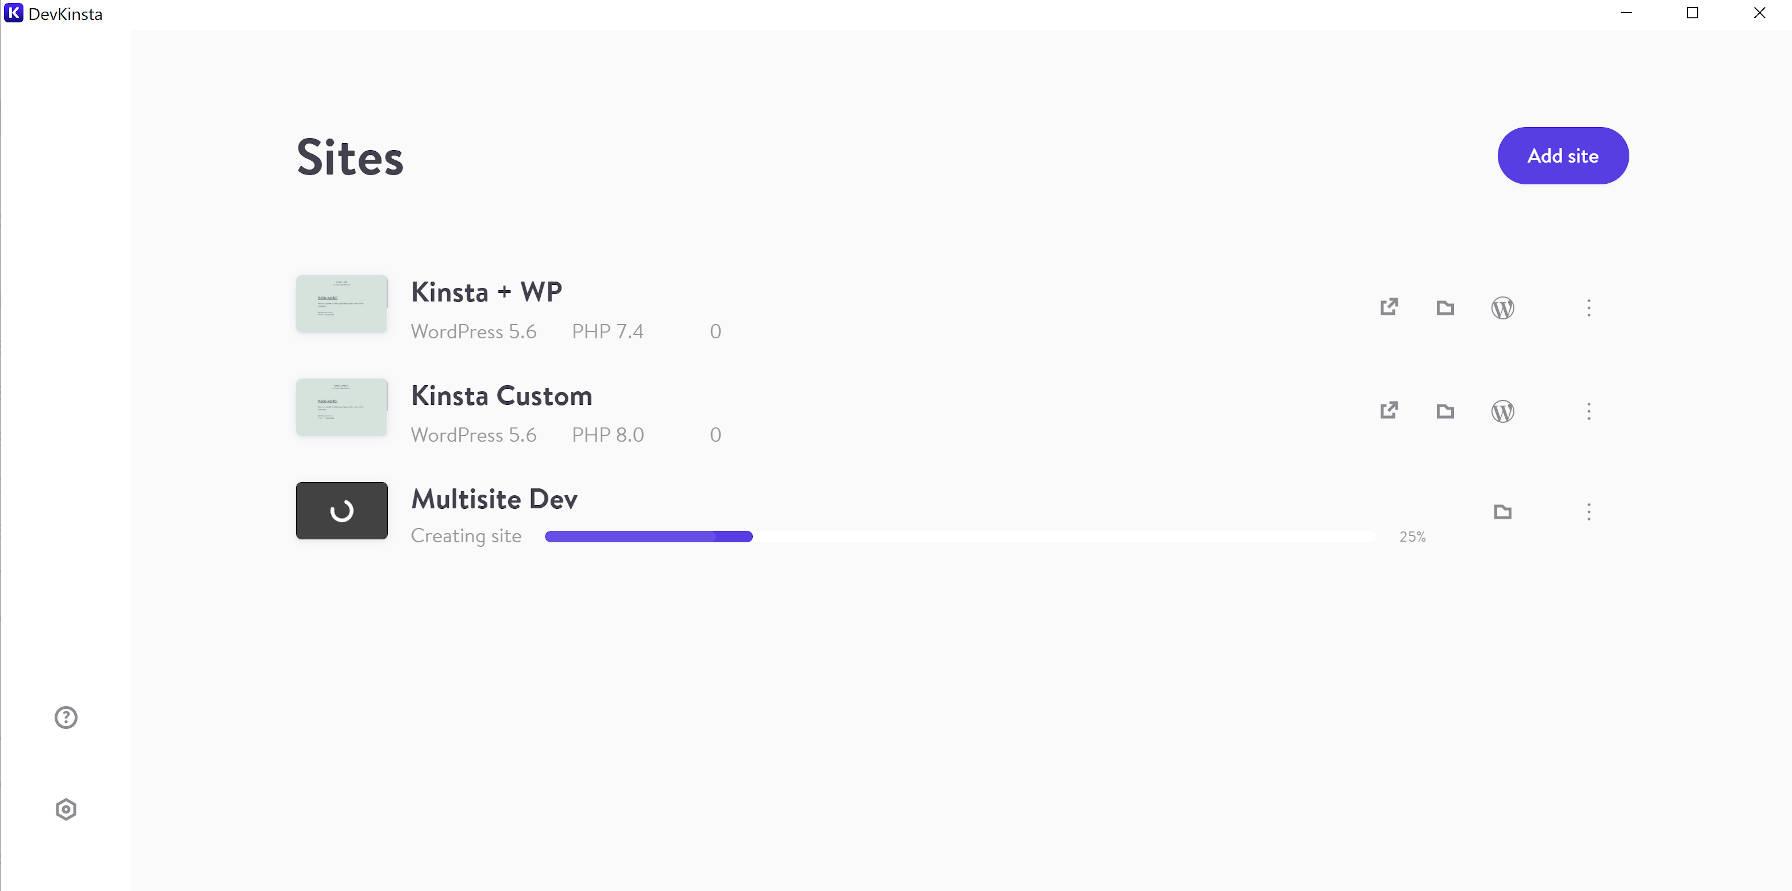 Tela de gerenciamento do site DevKinsta, que lista todos os sites e tem um botão para adicionar um novo site.